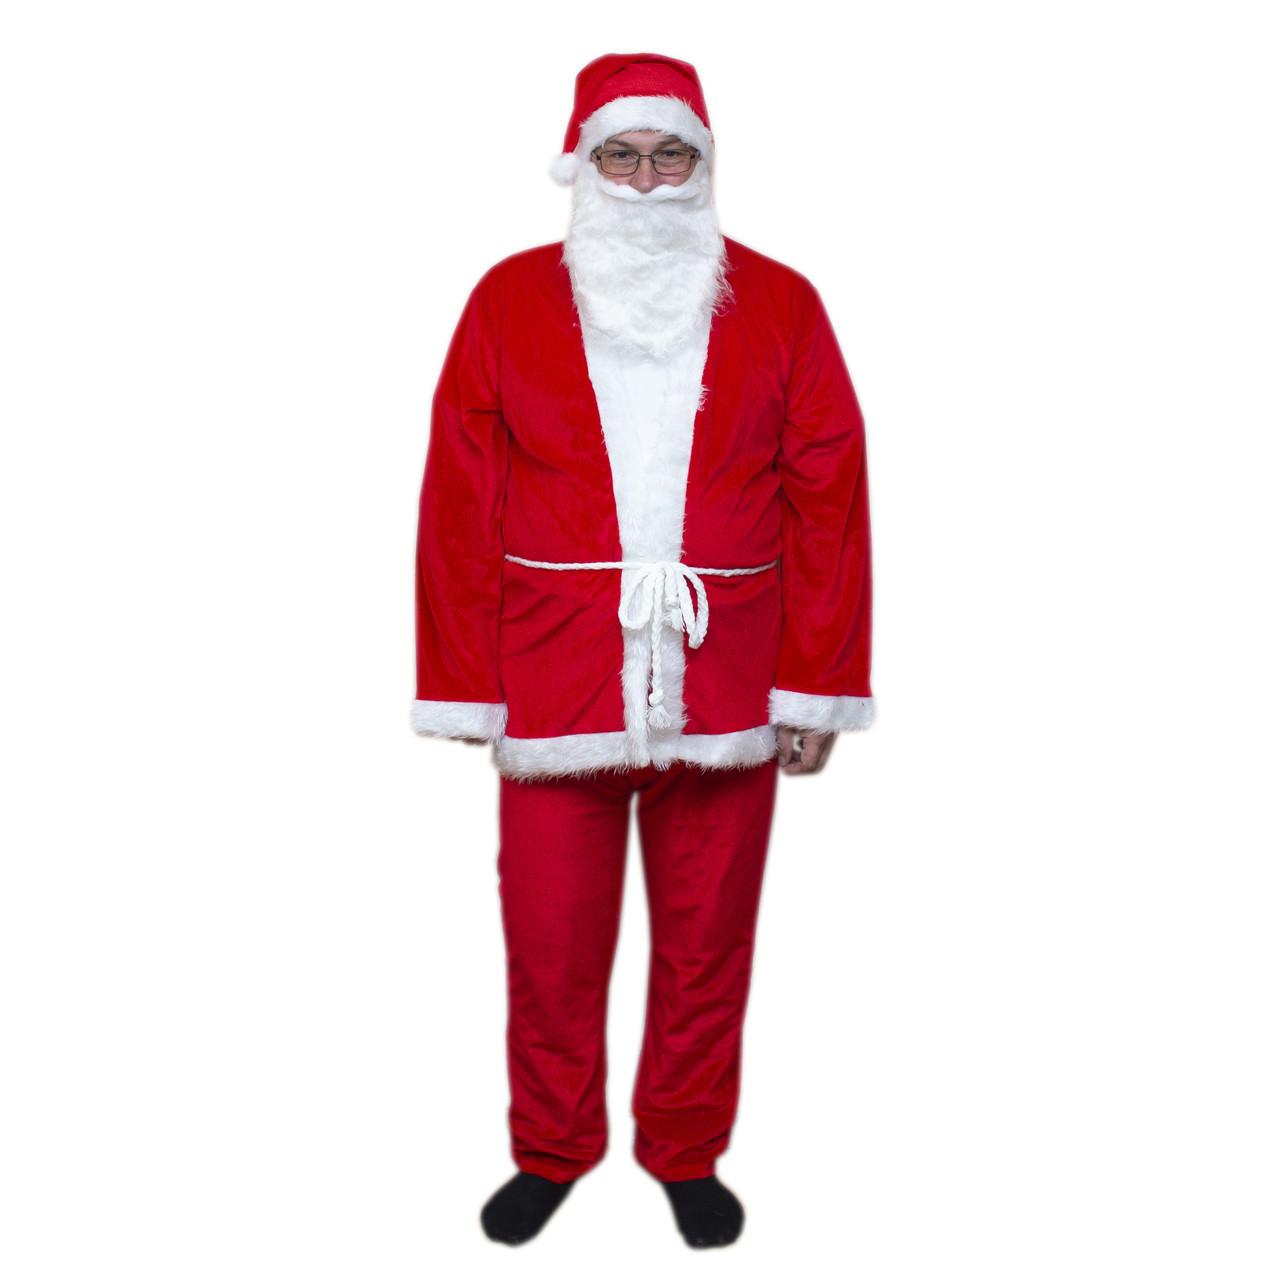 """Карнавальный костюм """"Дед Мороз"""" для взрослого 180см, вельвет, красный с белым (462414)"""